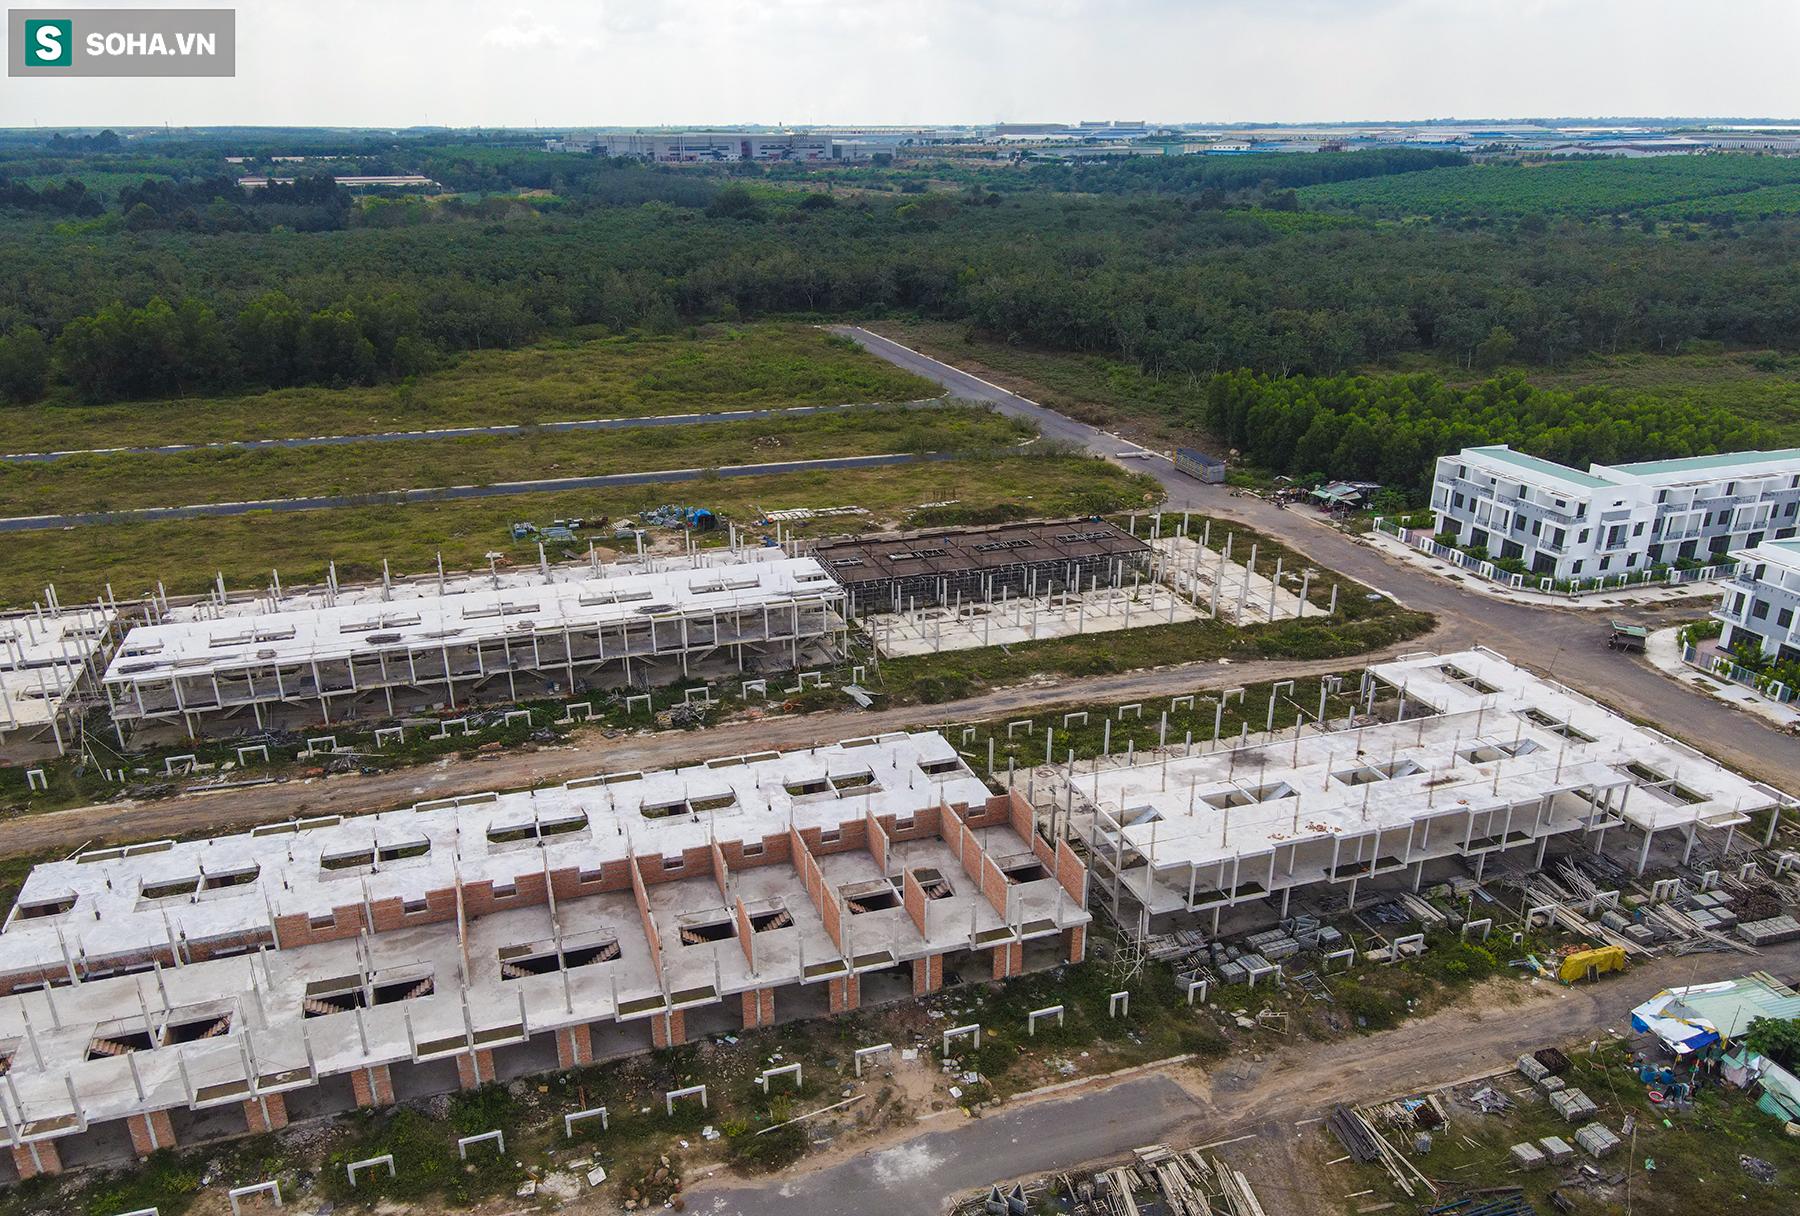 [Ảnh] Cận cảnh dự án với gần 700 căn nhà trái phép, được quảng cáo là đô thị thông minh đầu tiên tại Việt Nam - Ảnh 10.